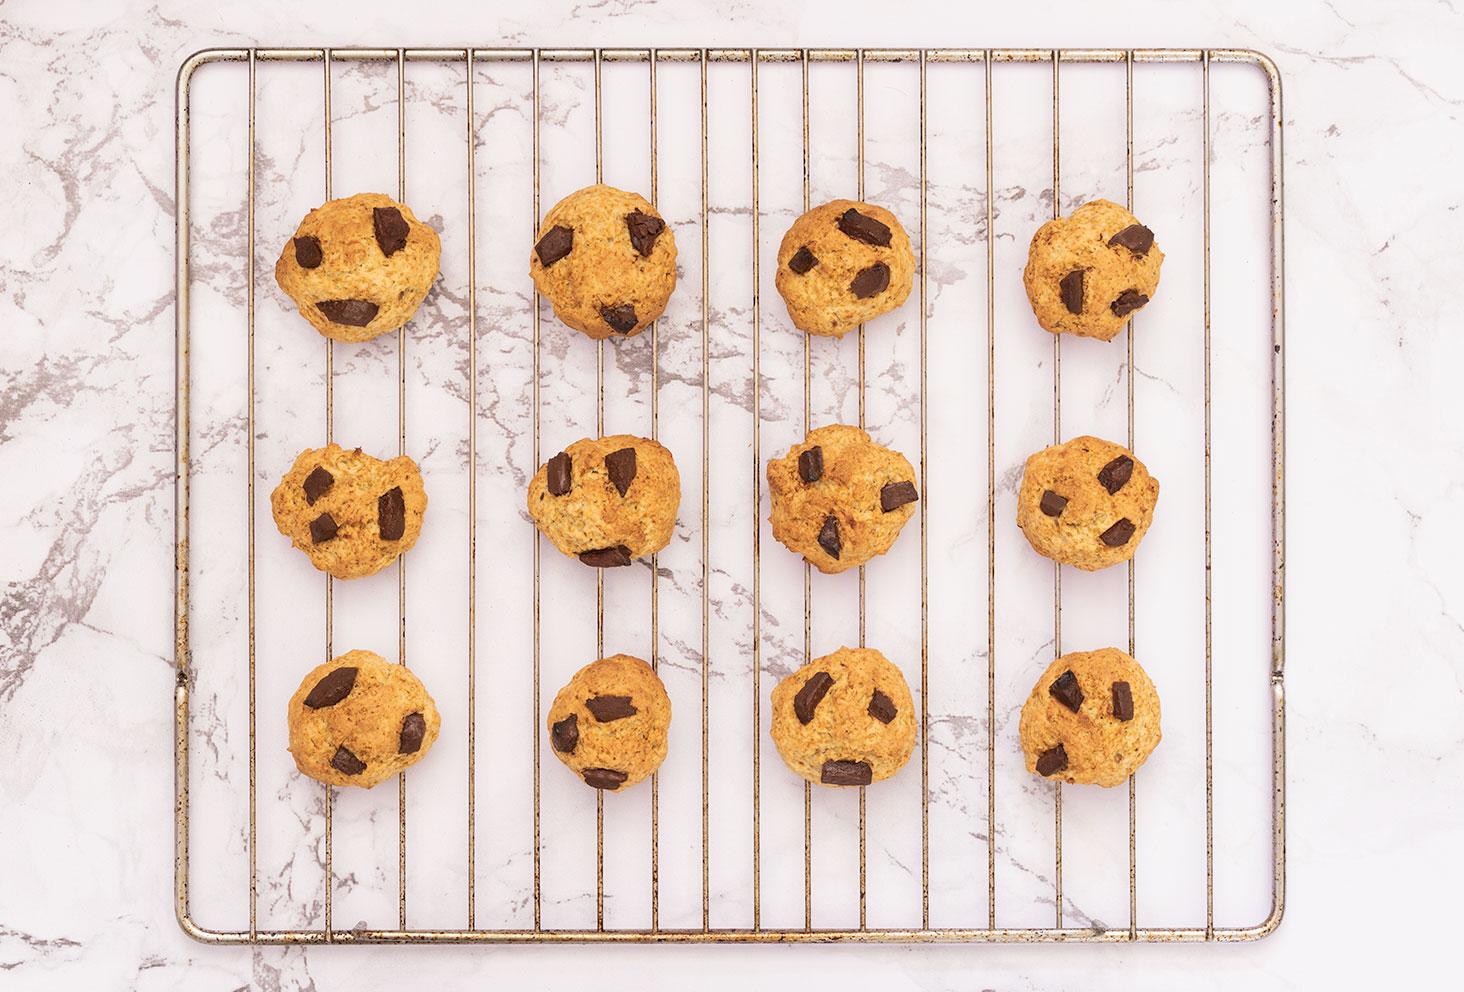 Cookies au chocolat sortis du four, posé sur la grille pour refroidir